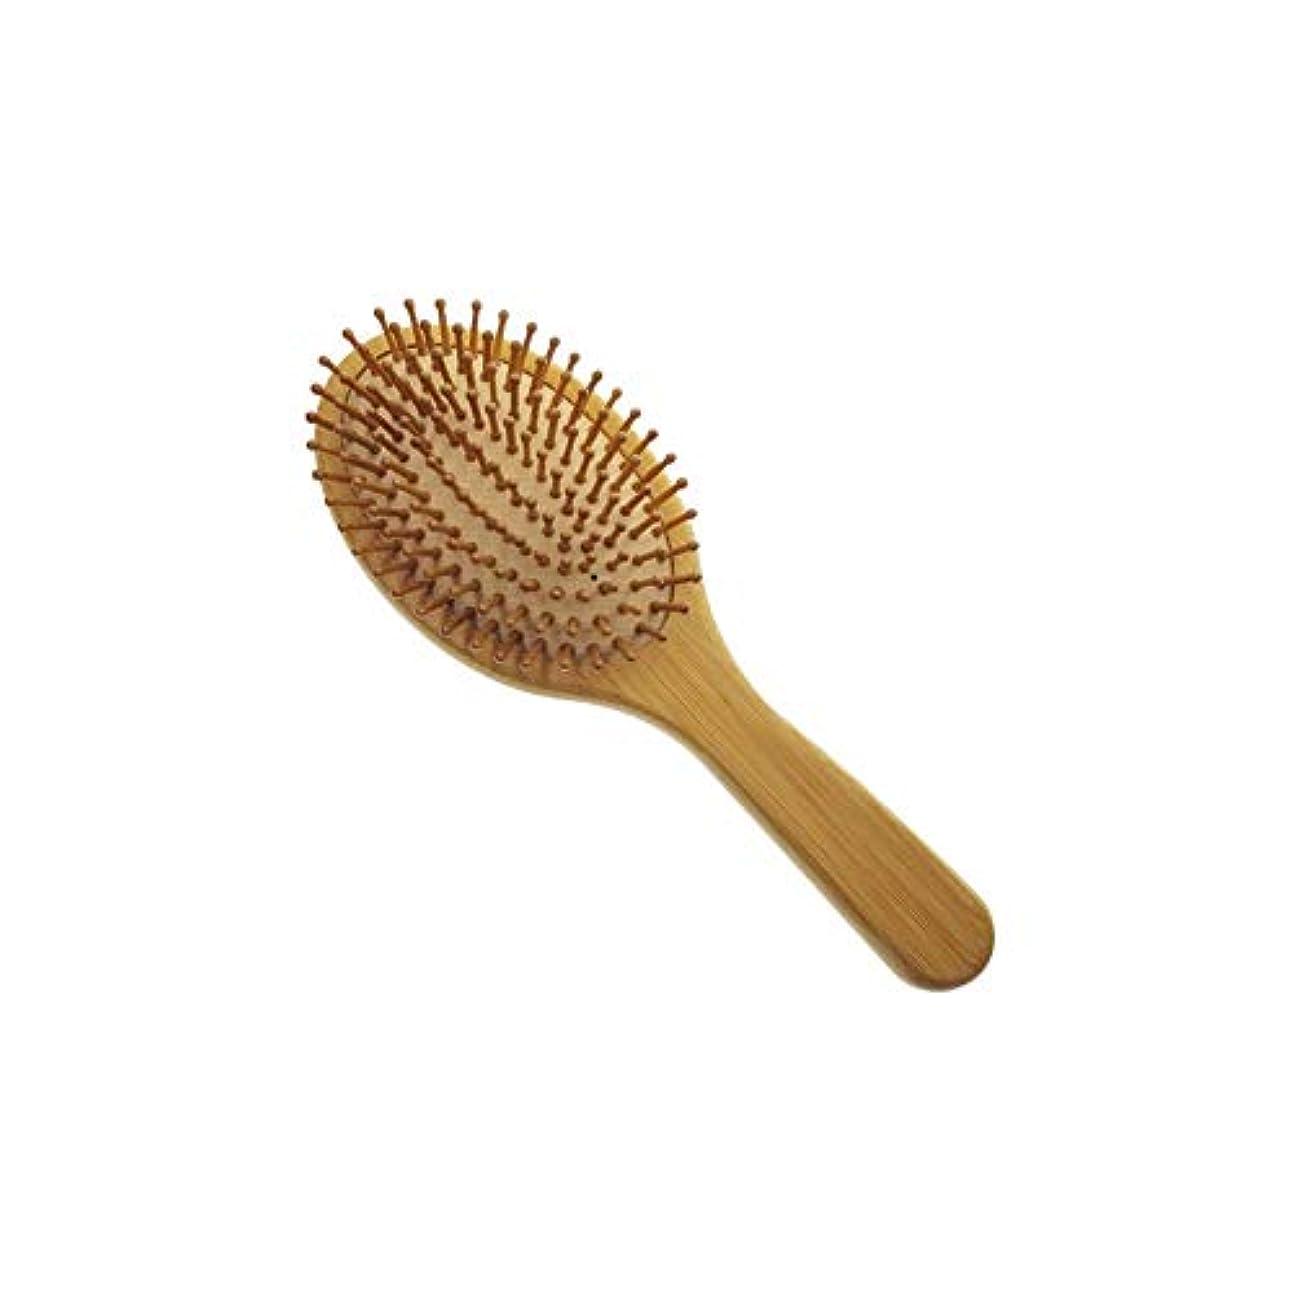 バイオレットアルカトラズ島スーパーマーケット自然の竹木製パレットの毛は、ブラシ旬櫛は、髪の健康の男性と女性、台湾を改善する、頭皮をマッサージ毛